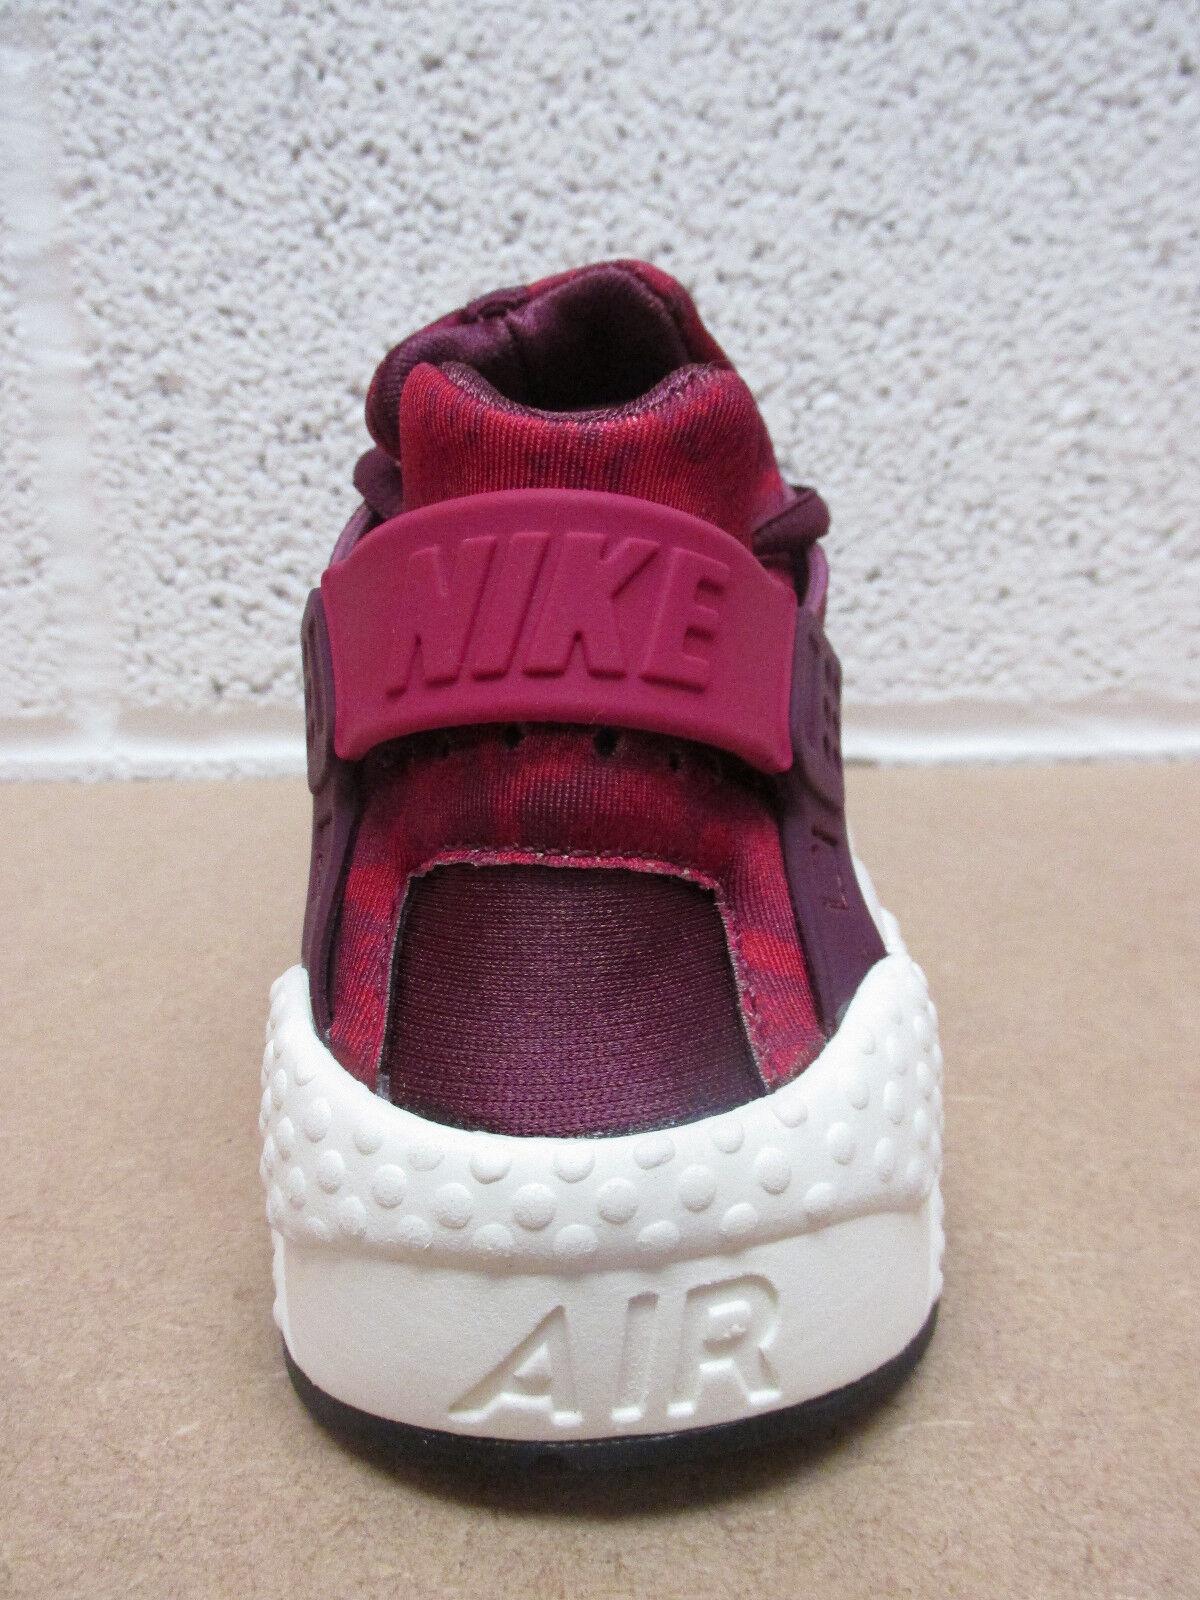 Nike Air Huarache Donna 500 Correre Stampa»   Da Corsa 725076 500 Donna   Da Tennis 912a4b